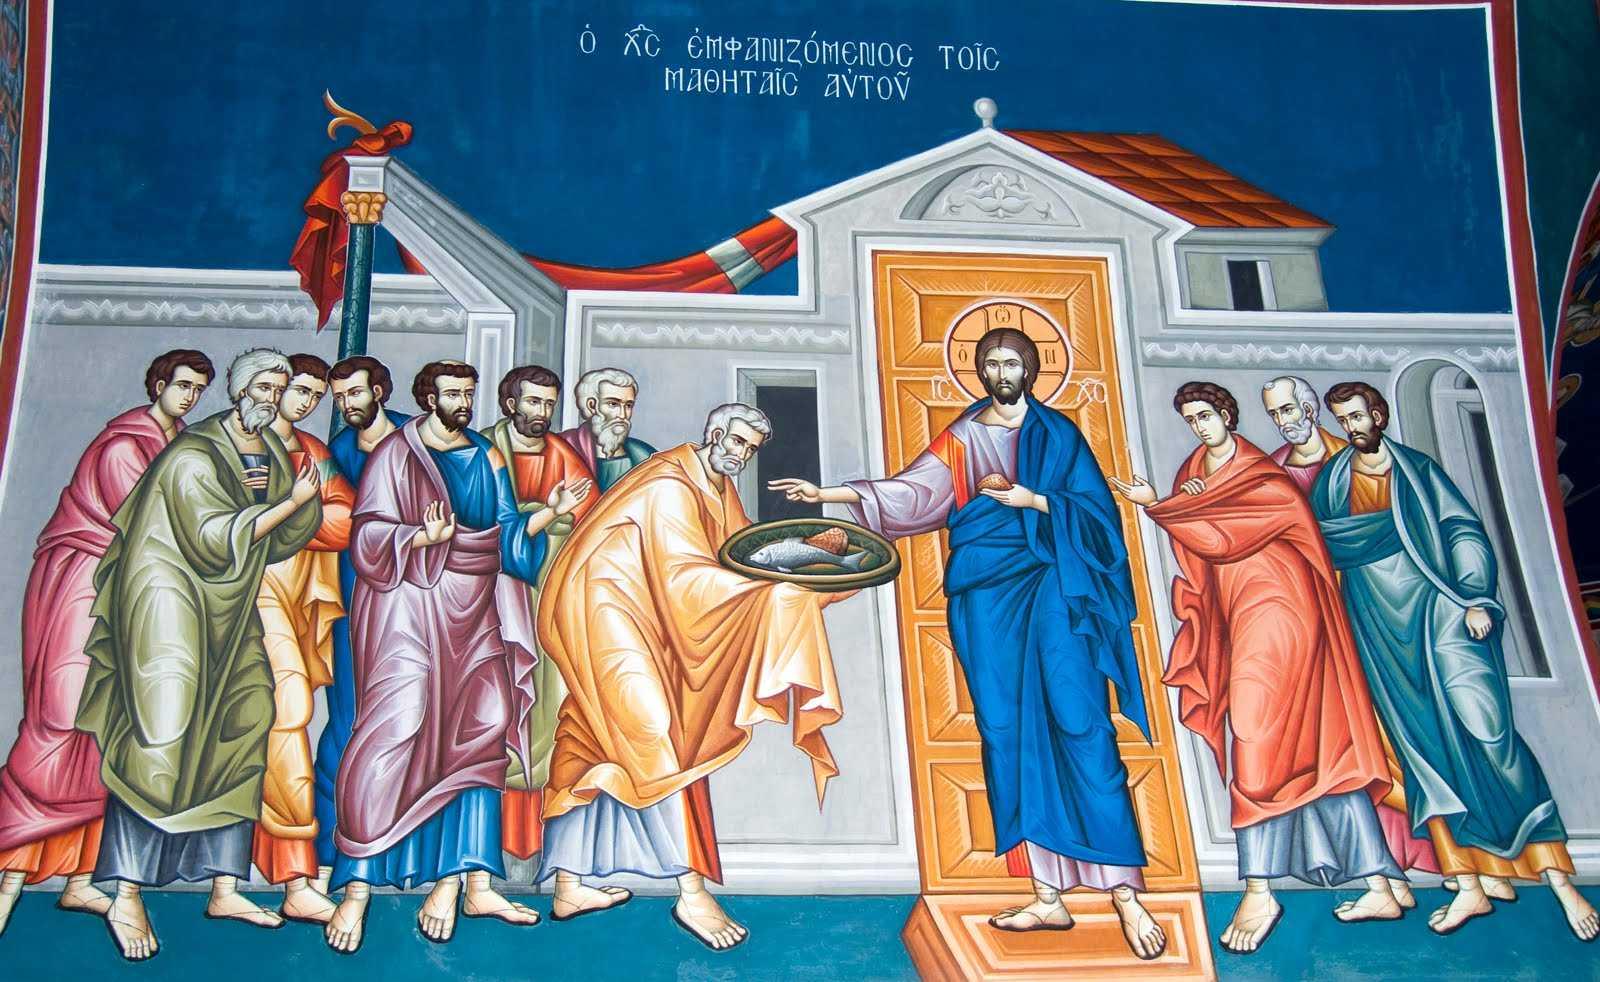 EXISTA REINCARNARE? Parintele Serafim Rose infatiseaza invatatura ortodoxa si explica originile acestei mari inselari